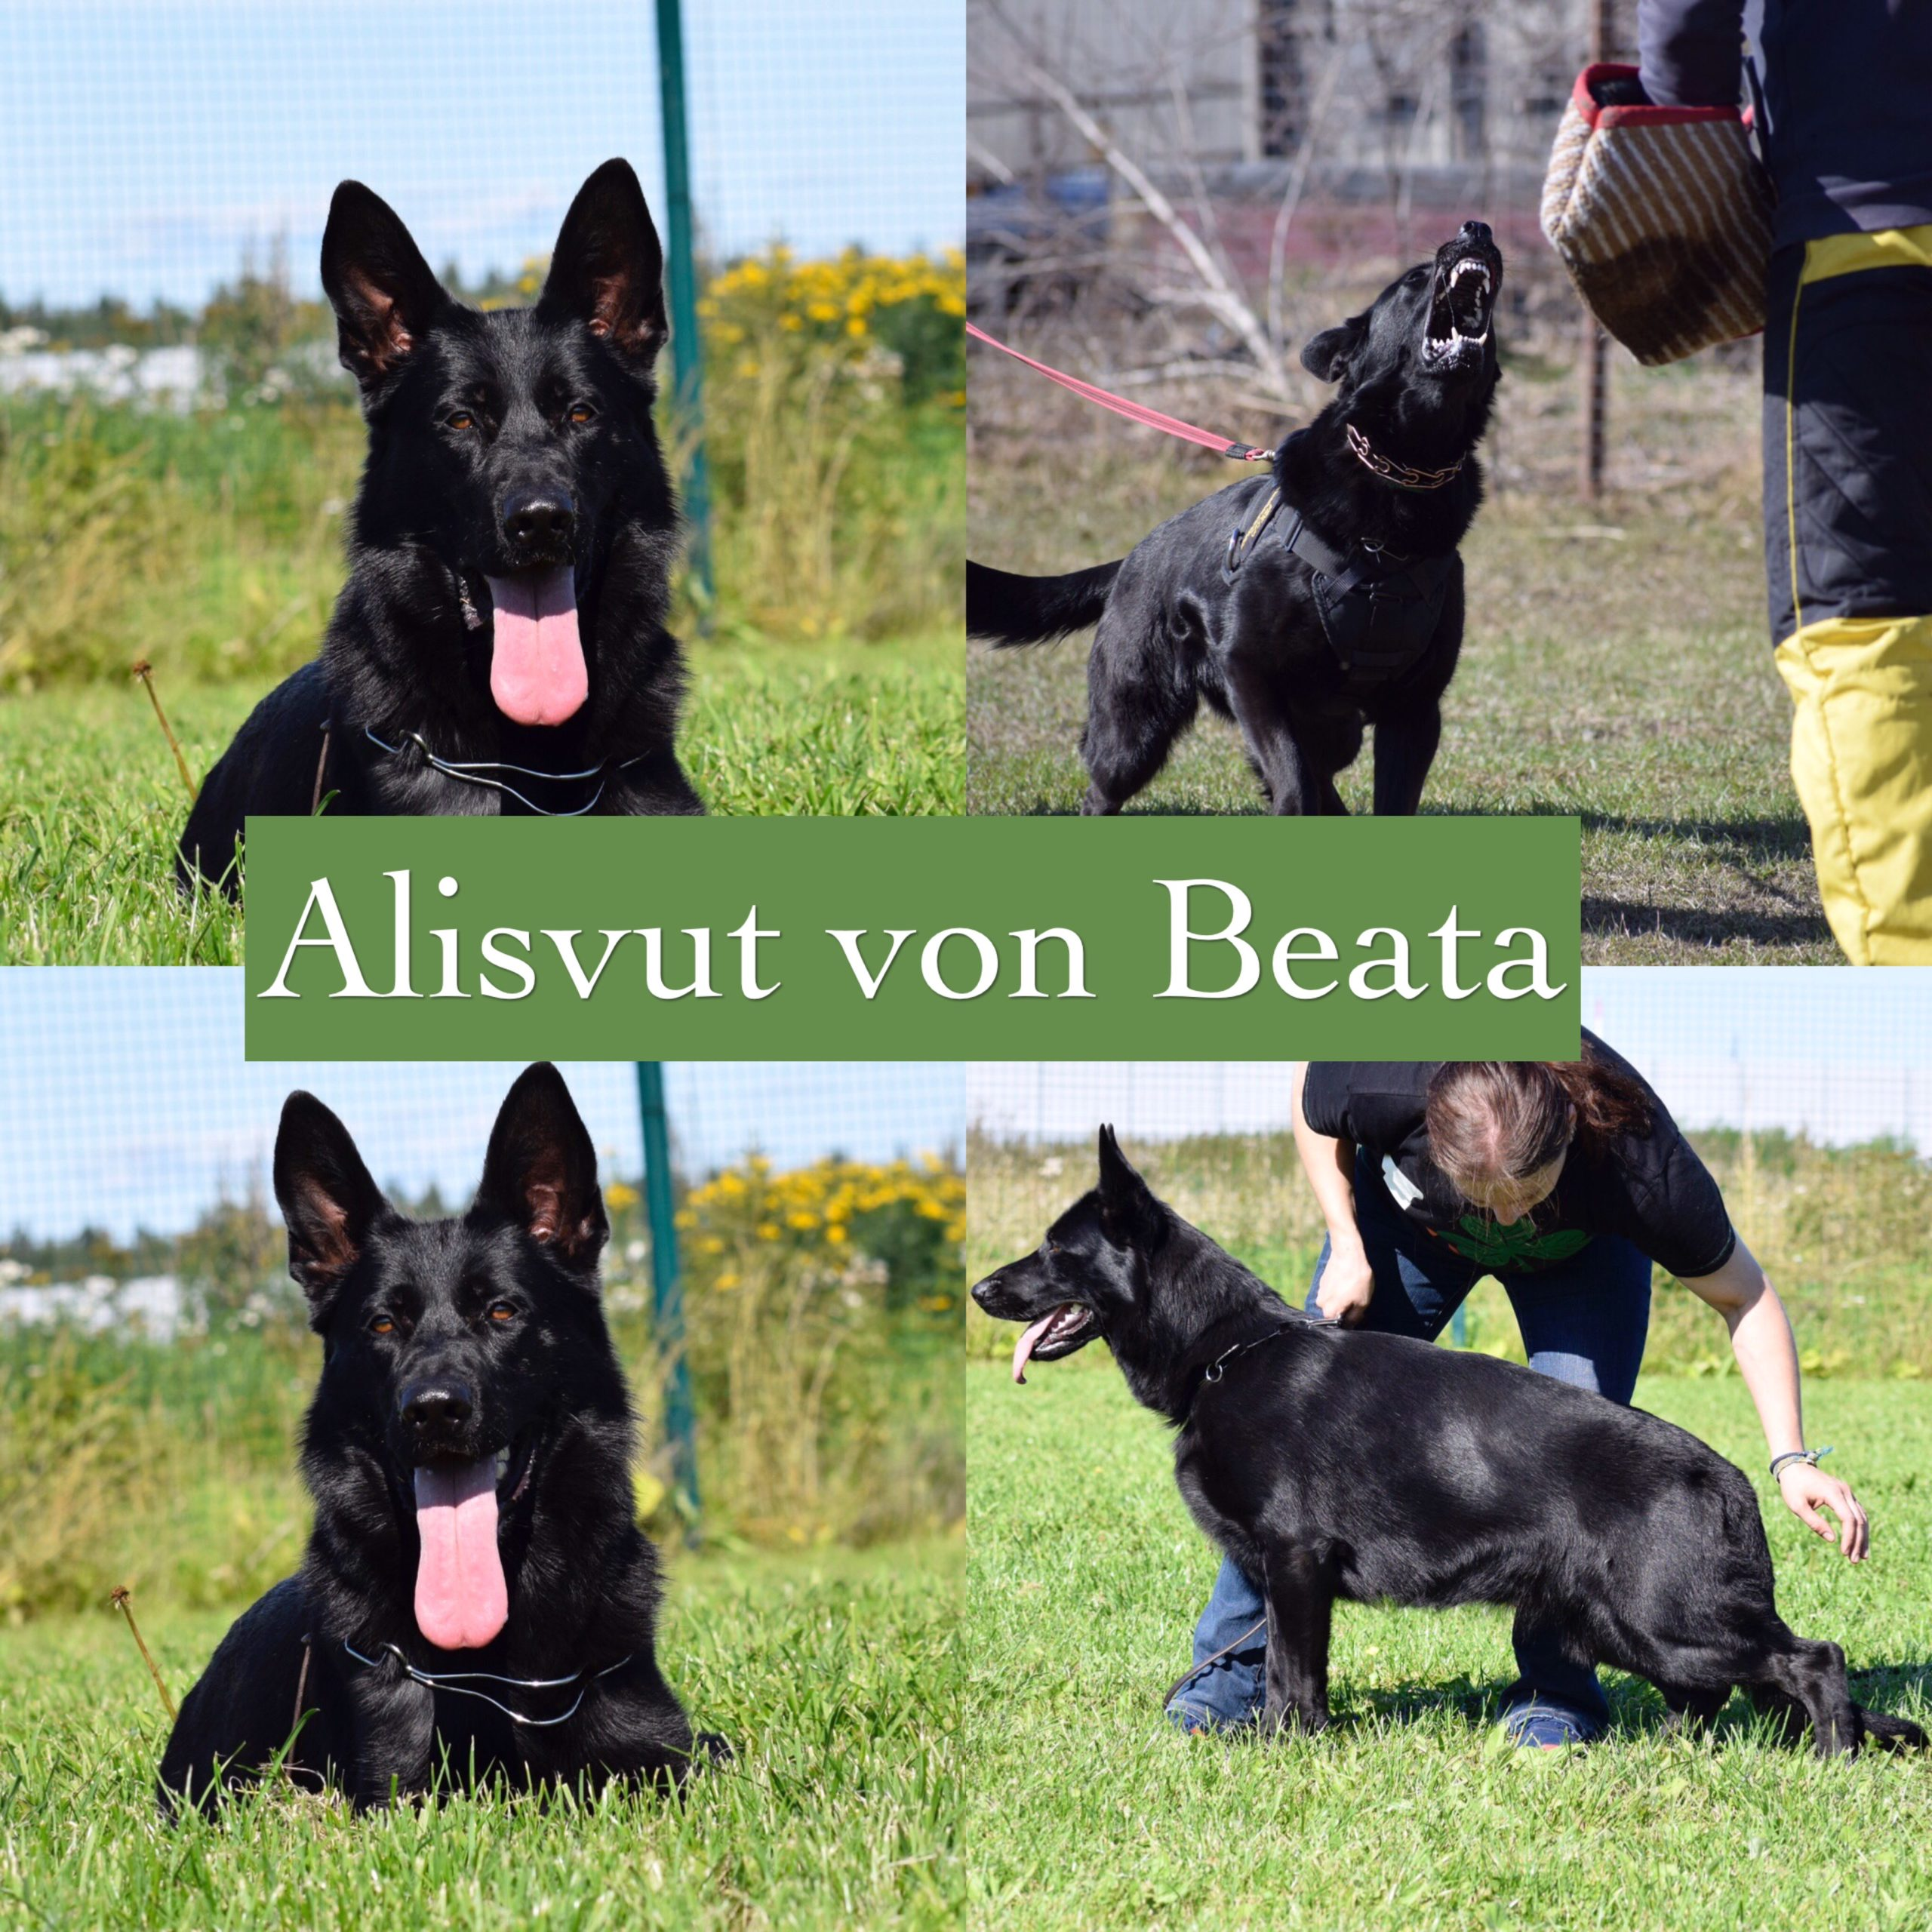 Alisvut Von Beata